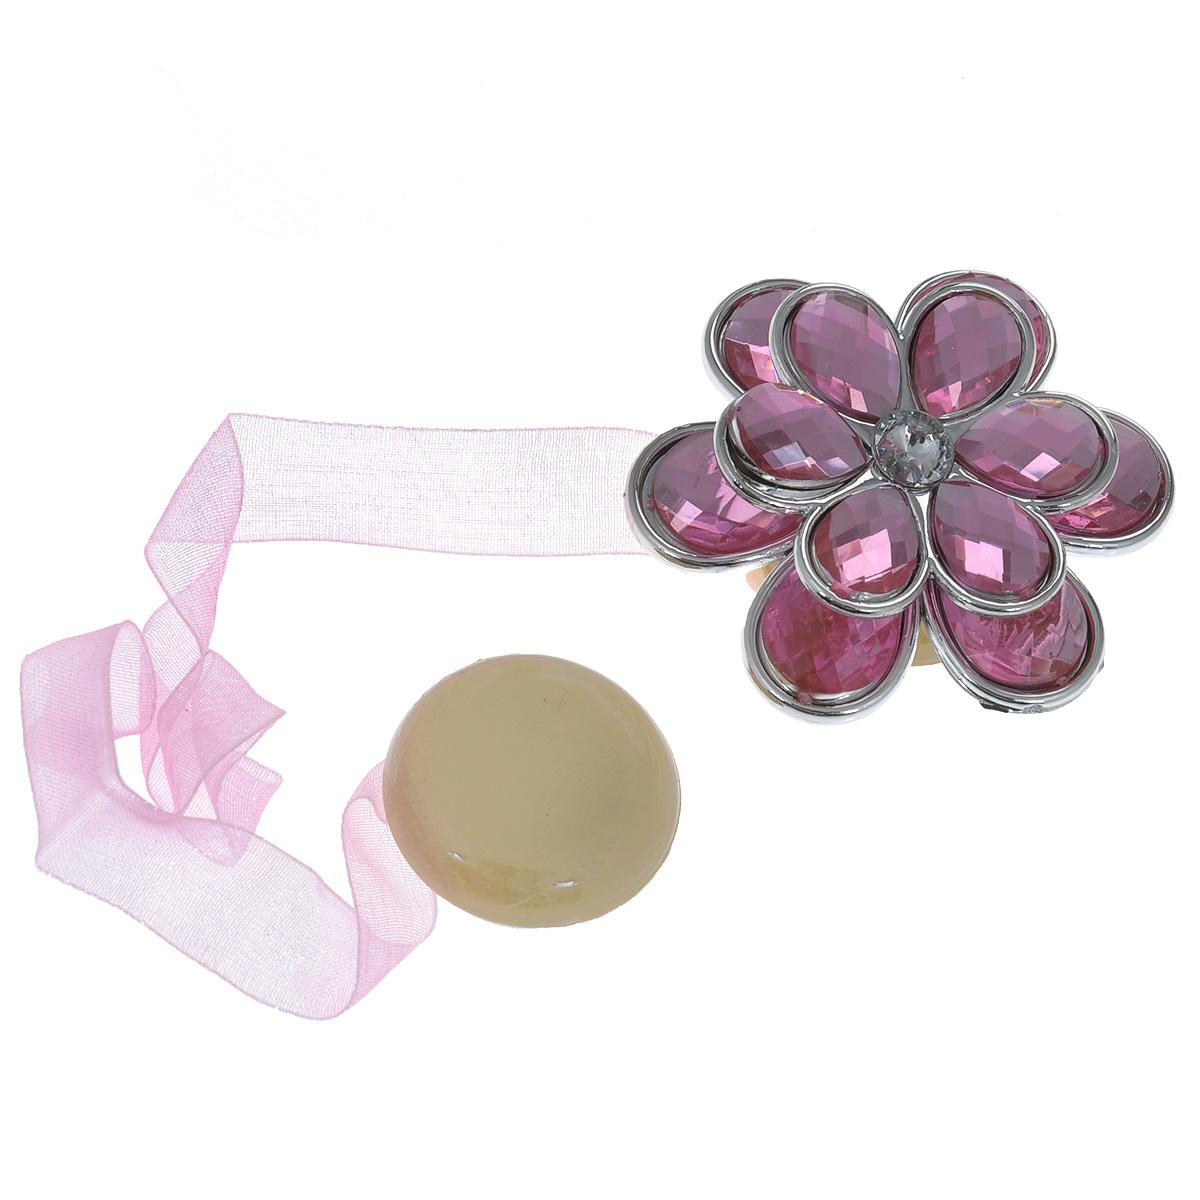 Клипса-магнит для штор Calamita Fiore, цвет: розовый. 7704021_551CLP446Клипса-магнит Calamita Fiore, изготовленная из пластика и текстиля, предназначена для придания формы шторам. Изделие представляет собой два магнита, расположенные на разных концах текстильной ленты. Один из магнитов оформлен декоративным цветком. С помощью такой магнитной клипсы можно зафиксировать портьеры, придать им требуемое положение, сделать складки симметричными или приблизить портьеры, скрепить их. Клипсы для штор являются универсальным изделием, которое превосходно подойдет как для штор в детской комнате, так и для штор в гостиной. Следует отметить, что клипсы для штор выполняют не только практическую функцию, но также являются одной из основных деталей декора этого изделия, которая придает шторам восхитительный, стильный внешний вид.Диаметр декоративного цветка: 5 см.Диаметр магнита: 2,5 см.Длина ленты: 25 см.